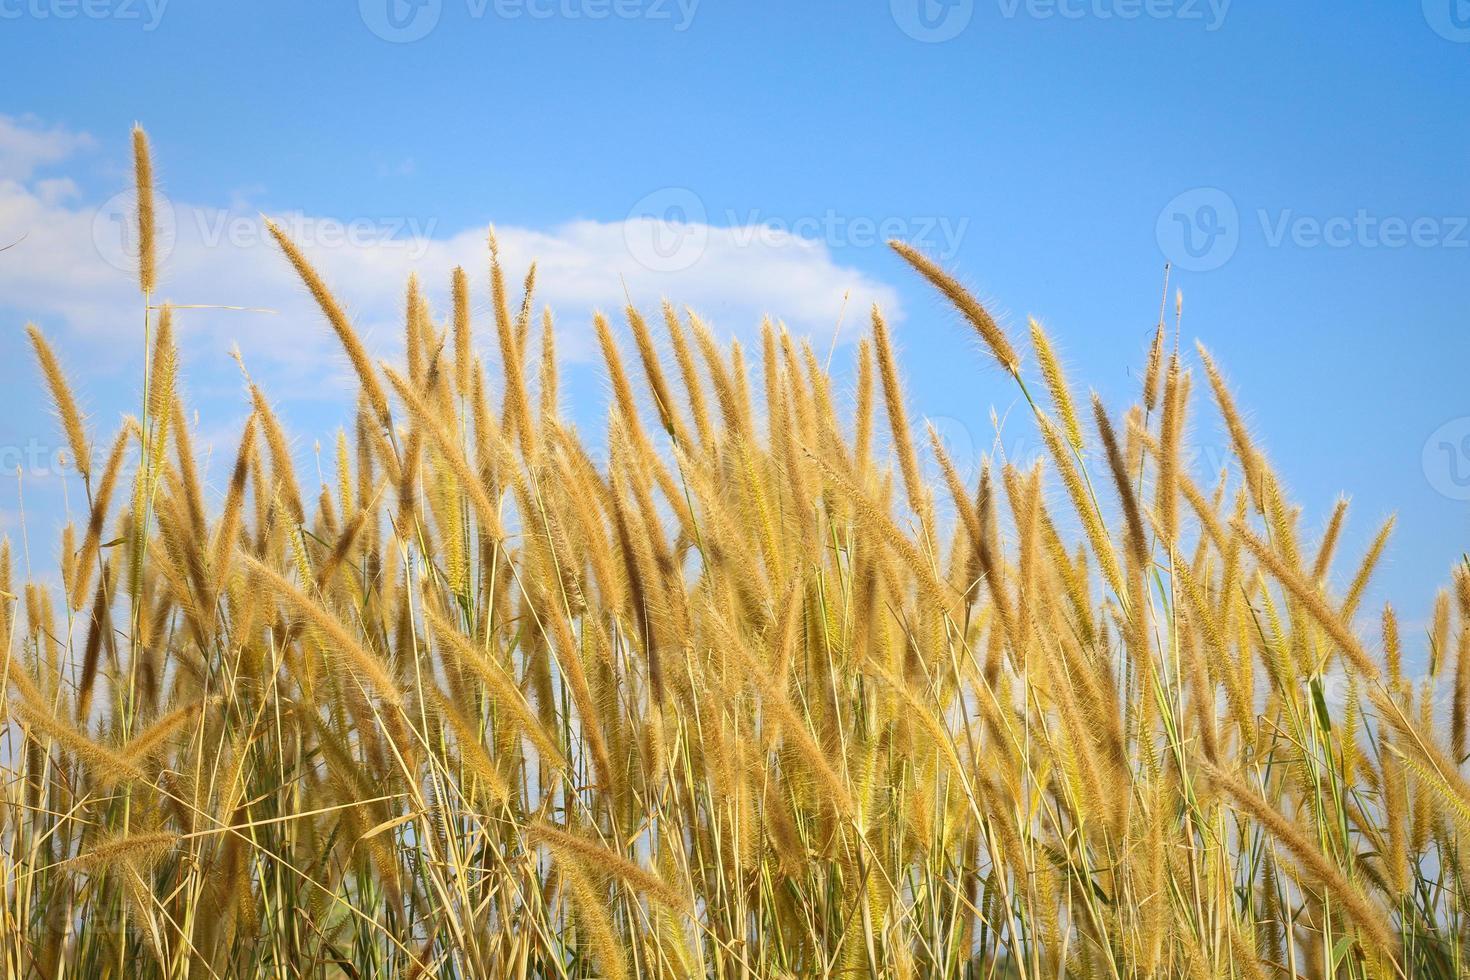 Schilf von Gras unter blauem Himmel mit Wolken foto